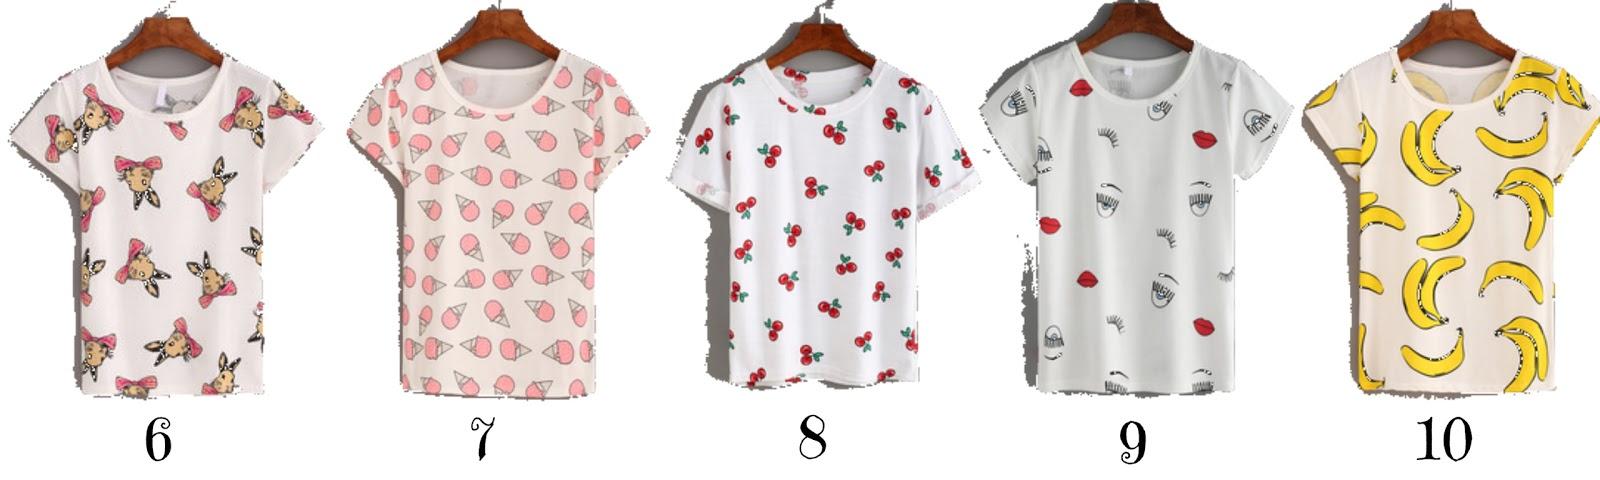 7fa6ca4b2 Camiseta com estampa de arco-íris 2. Camiseta com estampa de cactus 3.  Camiseta com estampa de hambúrgueres e batatas fritas